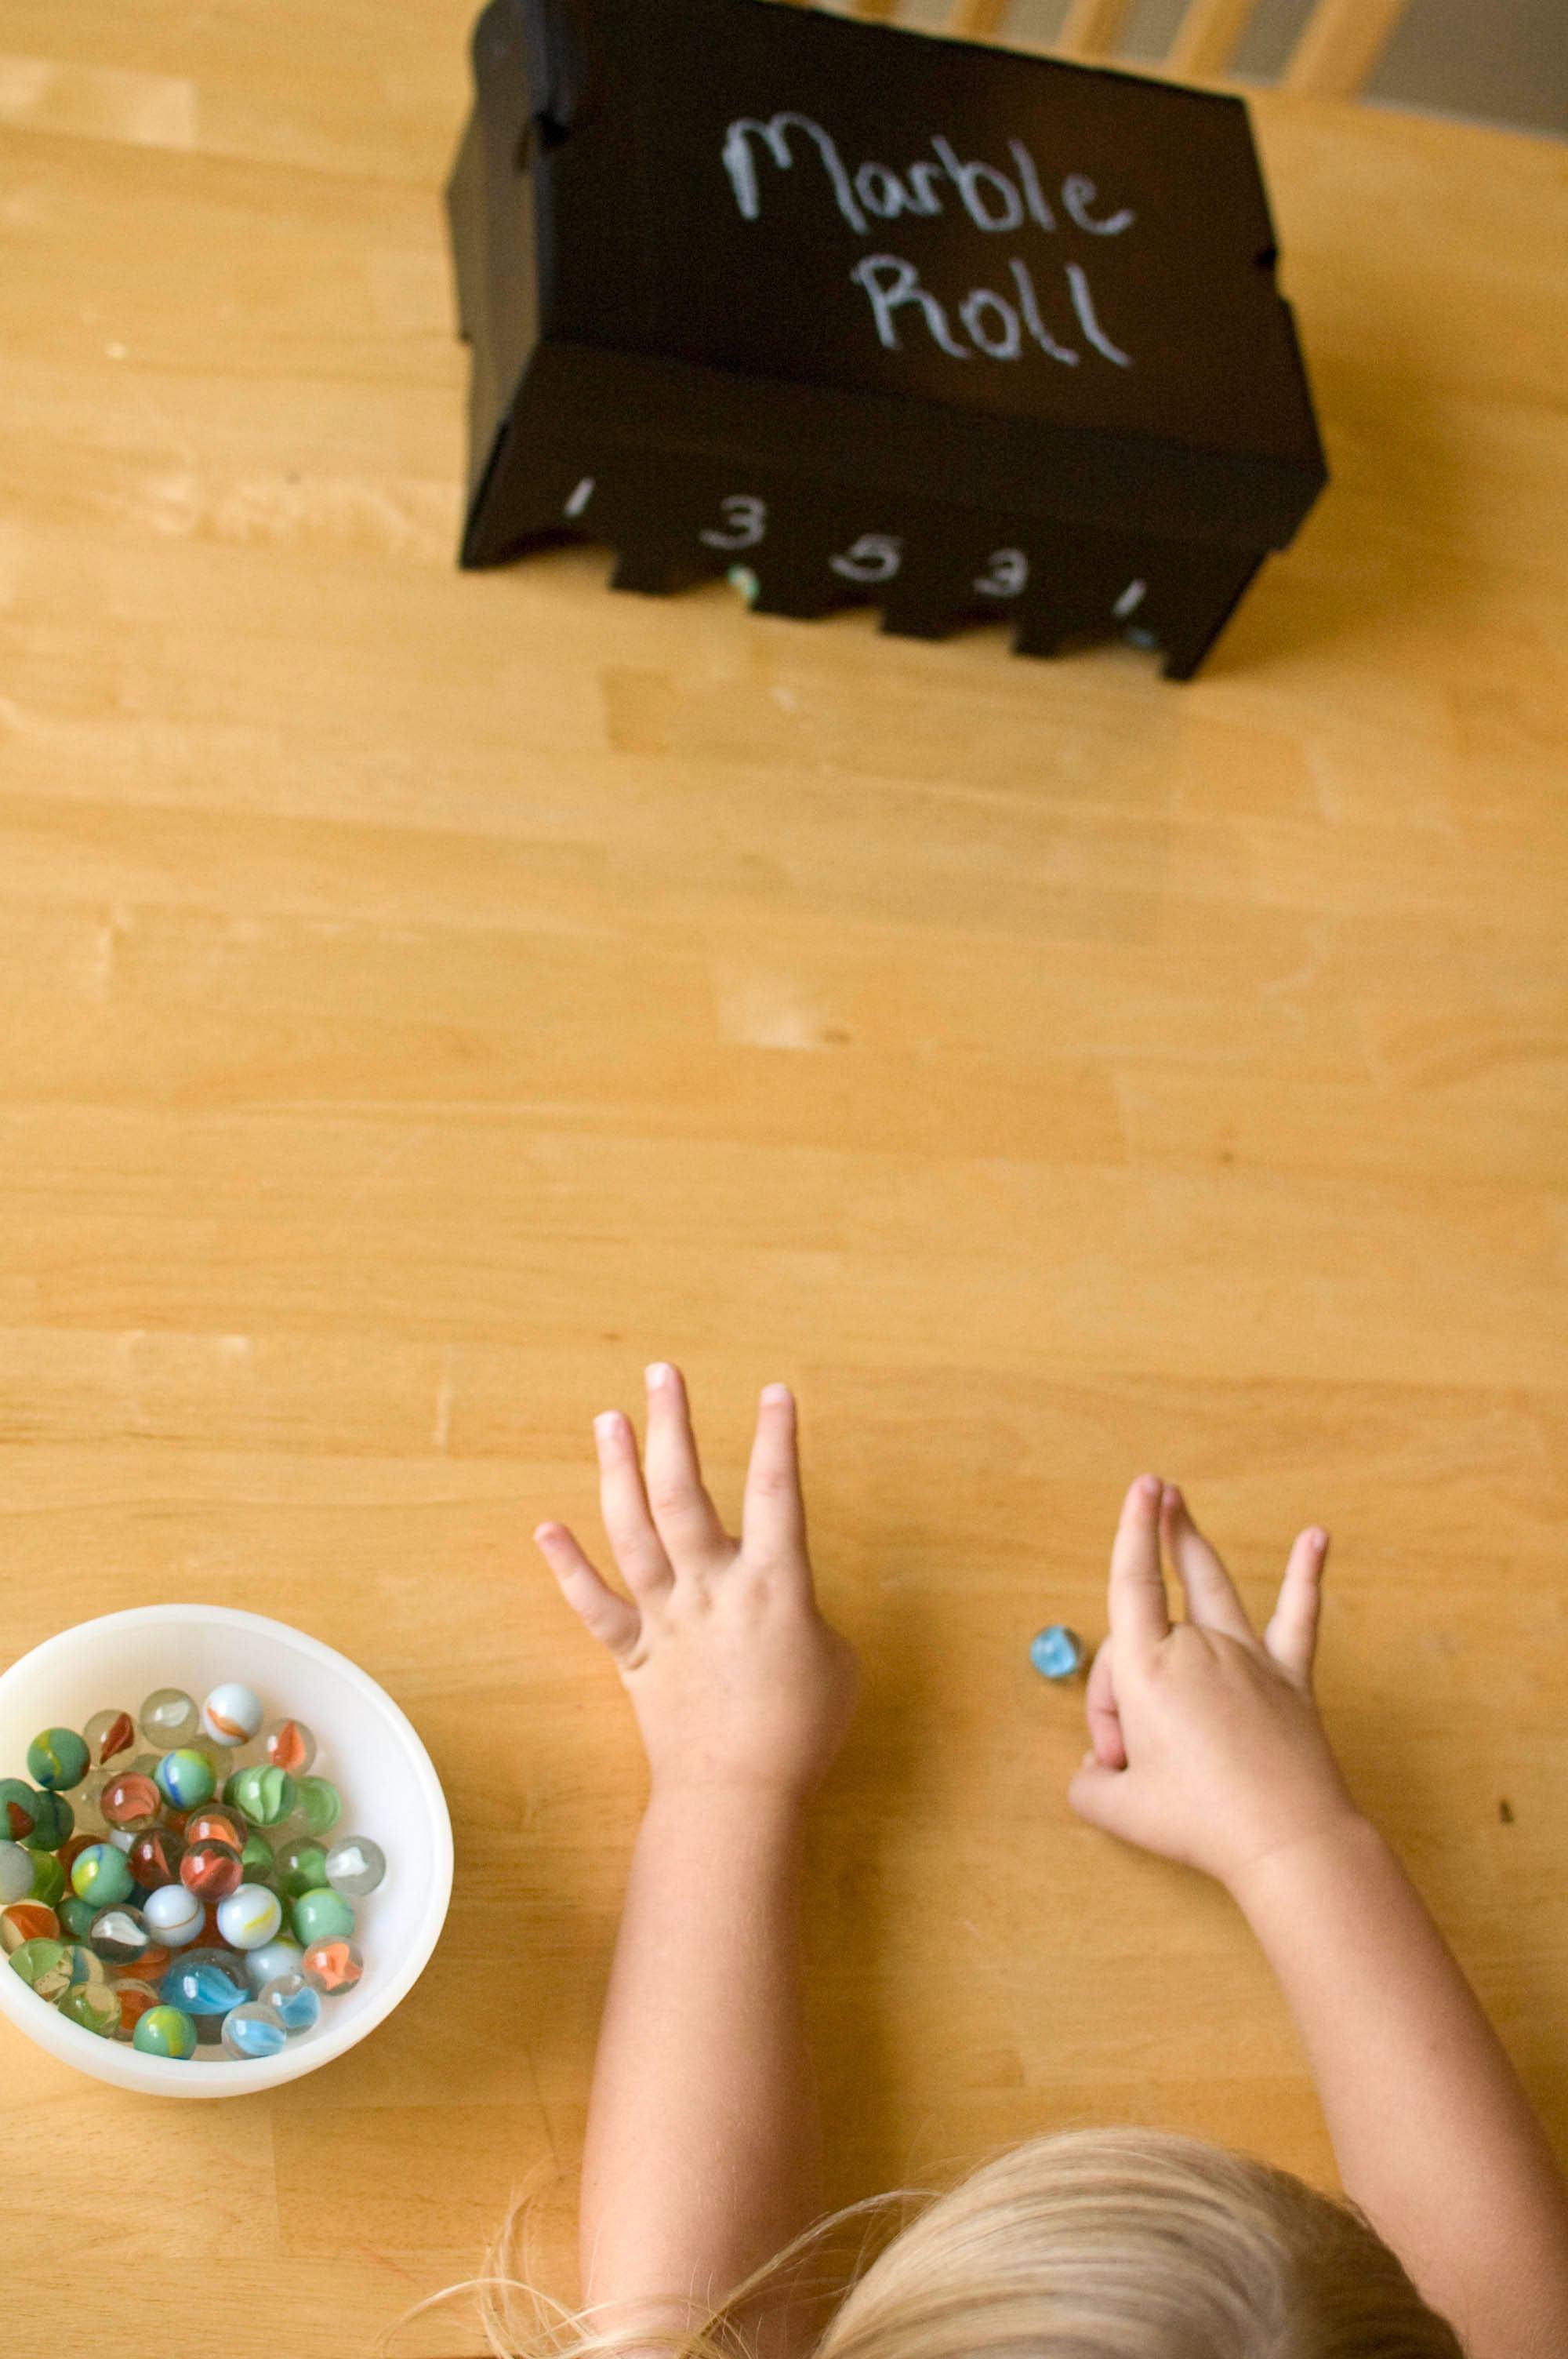 Brincadeira divertida com bolinhas de gude e alvos na caixa de sapato.